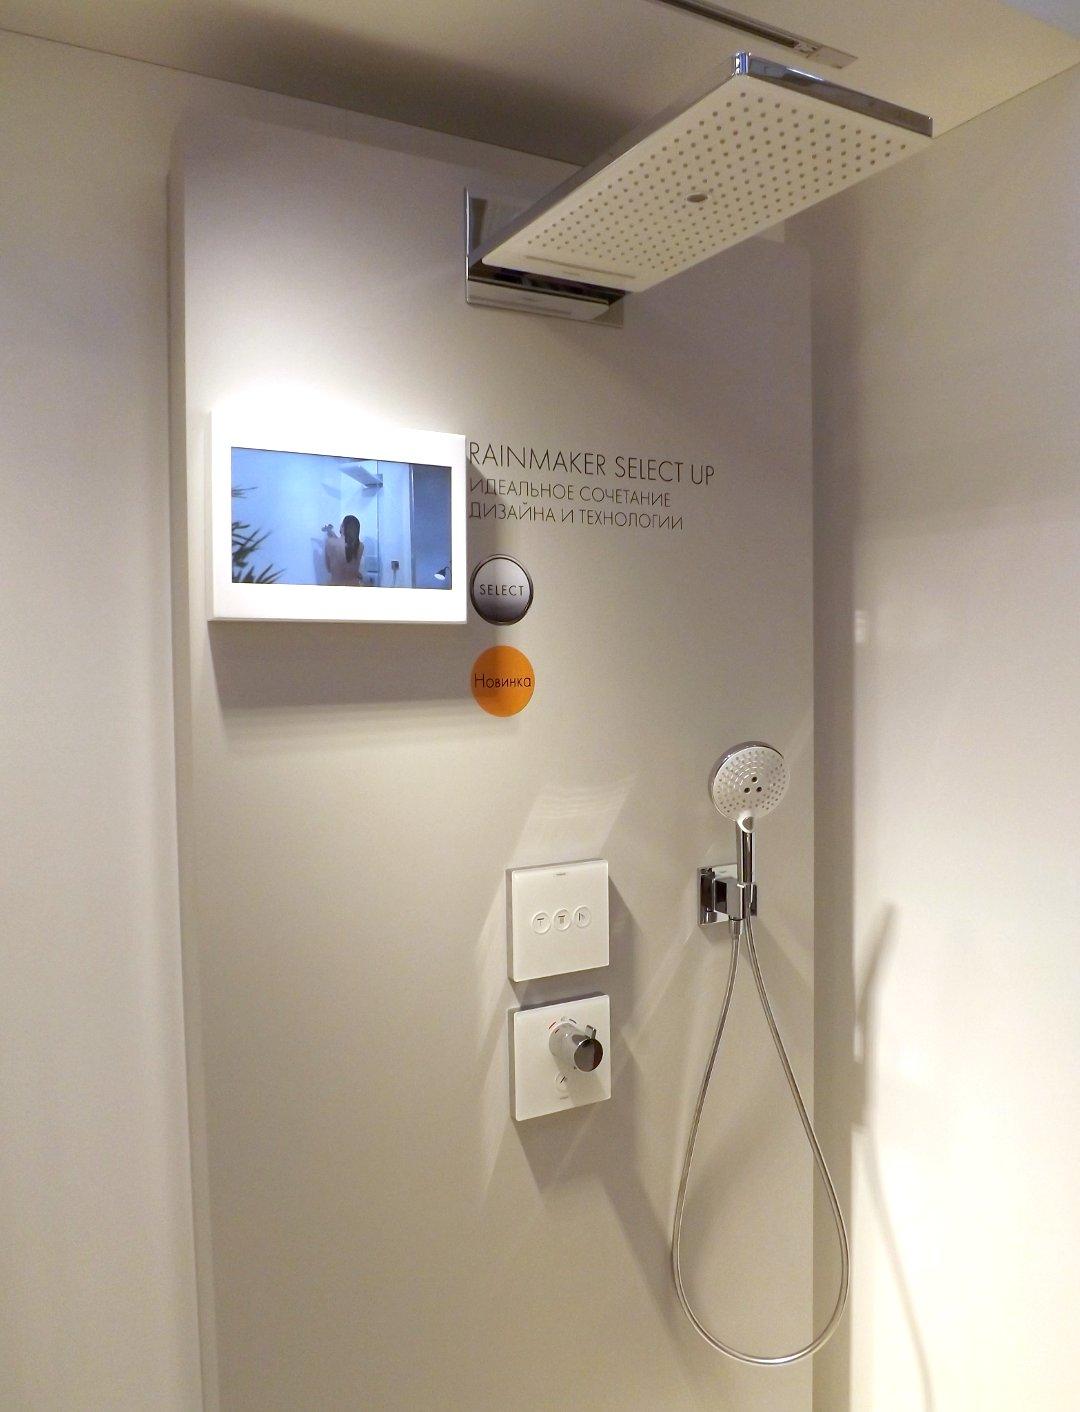 Современная душевая система от Hansgrohe со встроенным типом смесителя, представленная на одной из выставок MosBuild